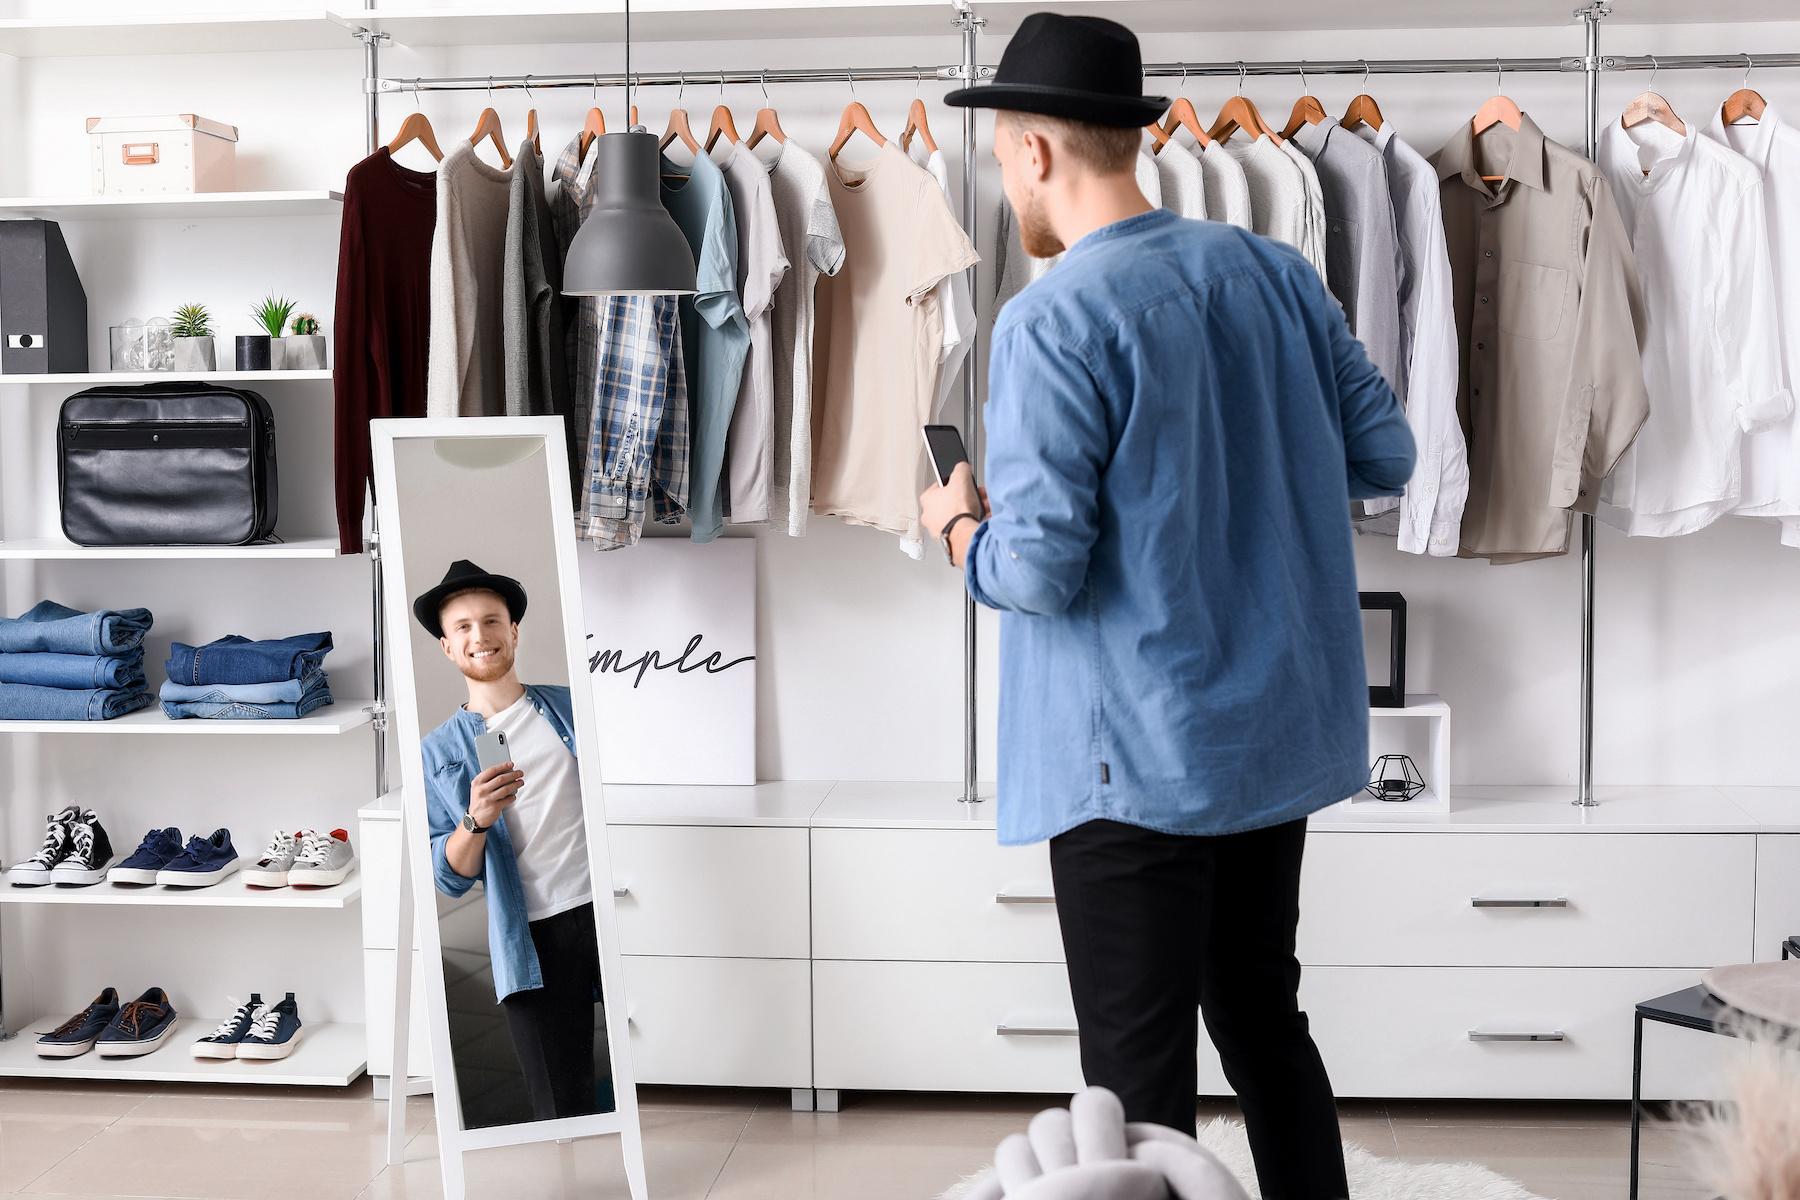 Ubrania basic – podstawa szybkich stylizacji. Co warto mieć w szafie?